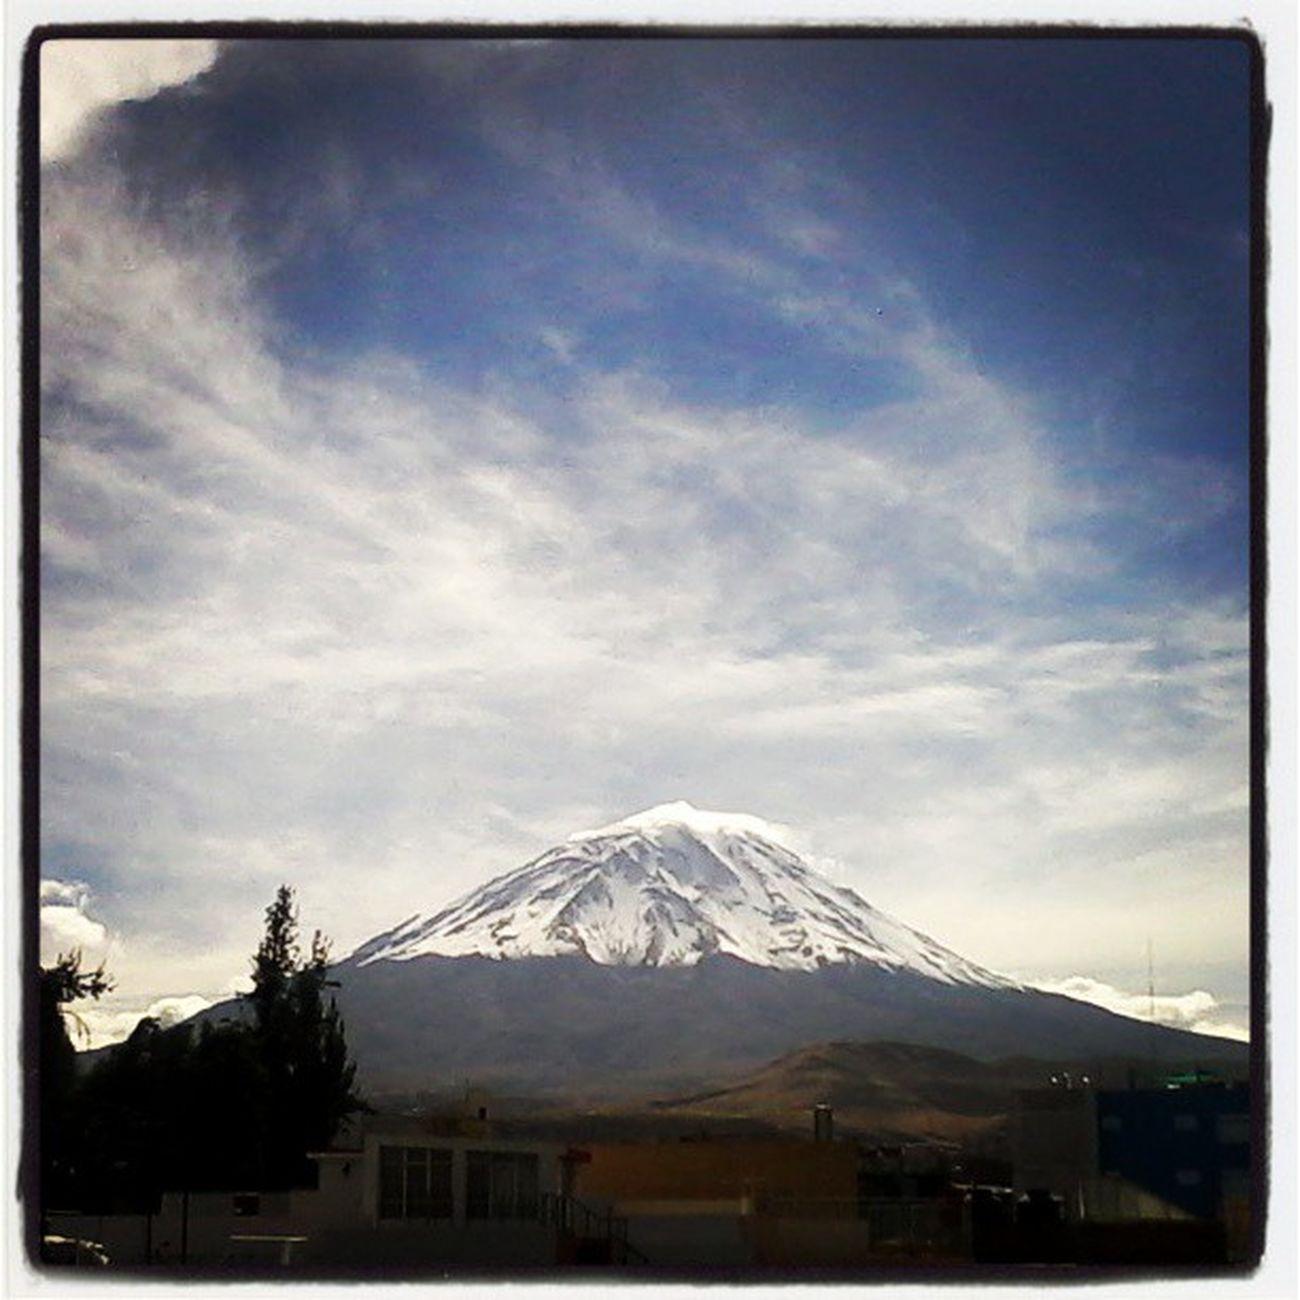 Misti with snow. / luego de la lluvia salio el sol.